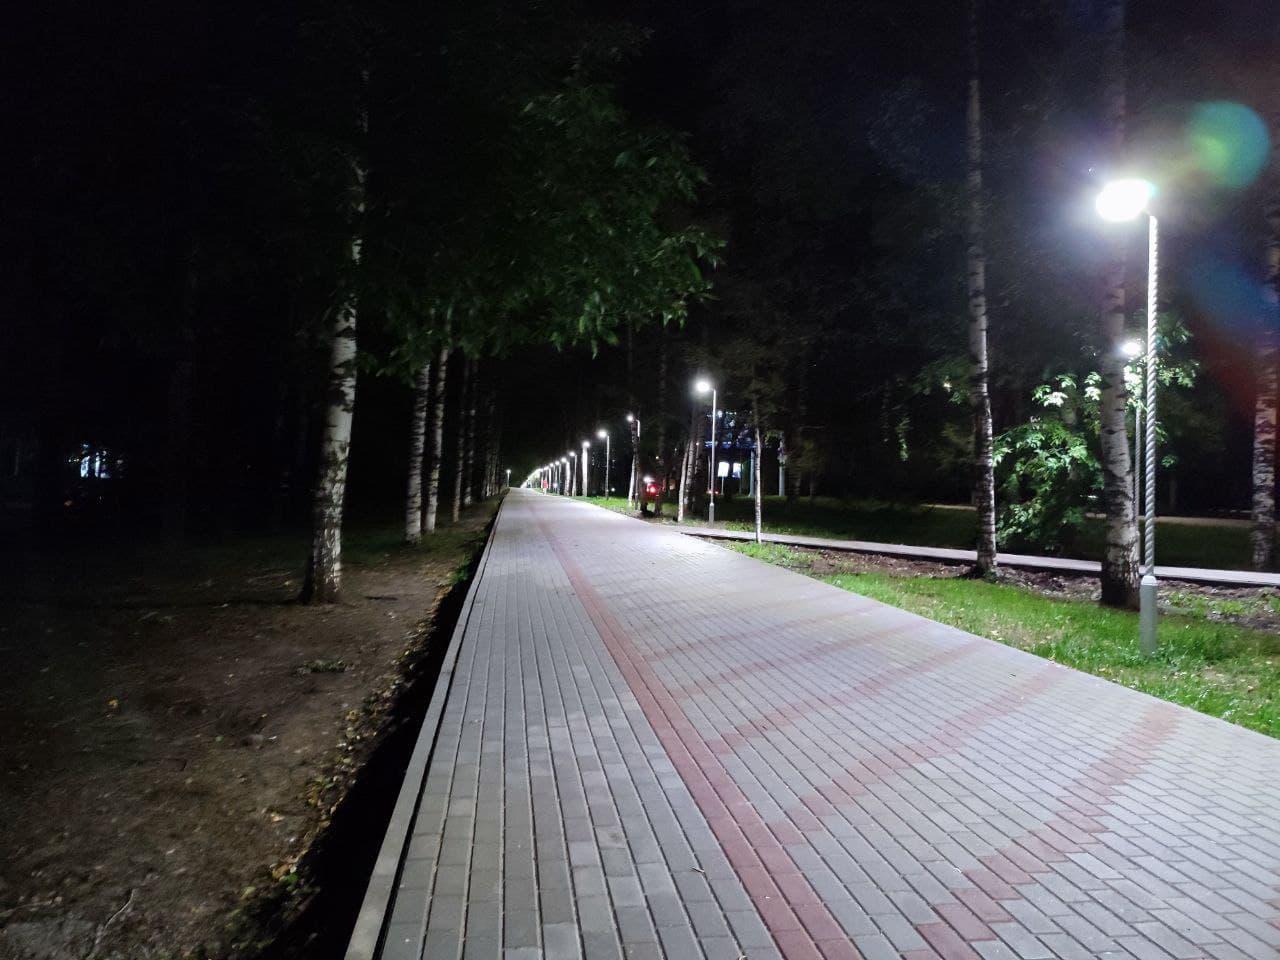 Аллея на улице Московской засветилась спустя множество лет